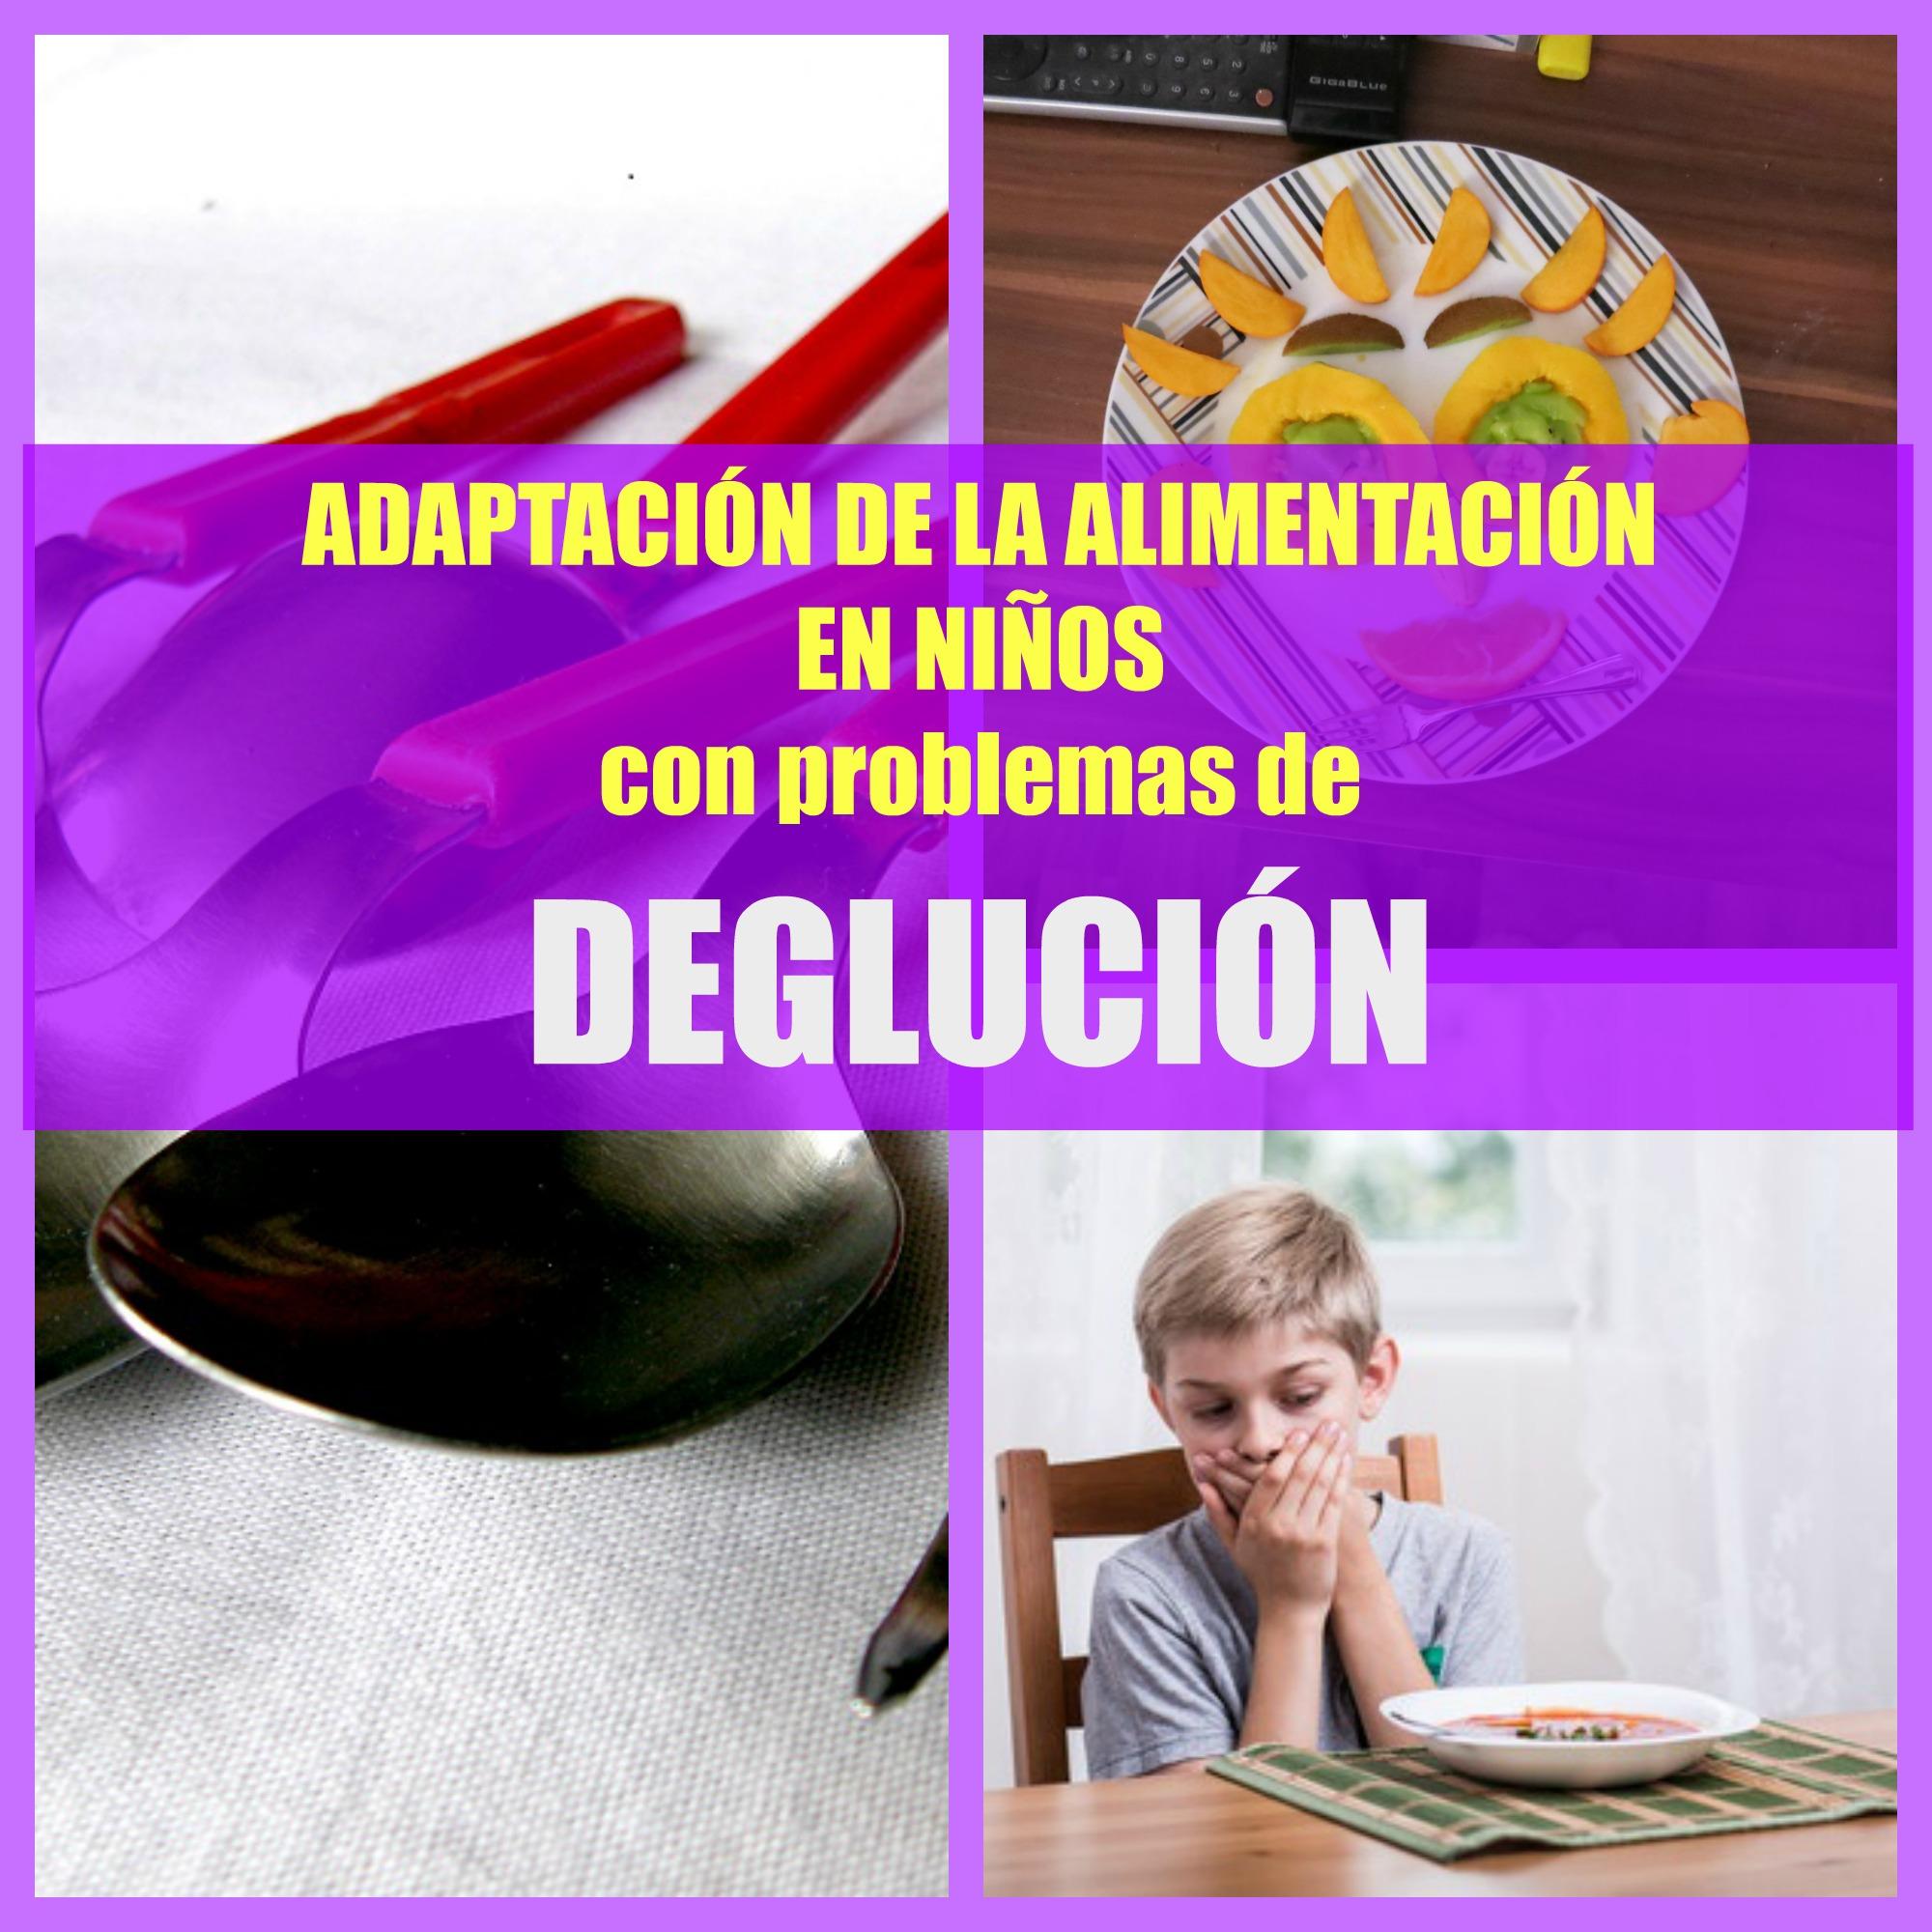 DEGLUCION.jpg